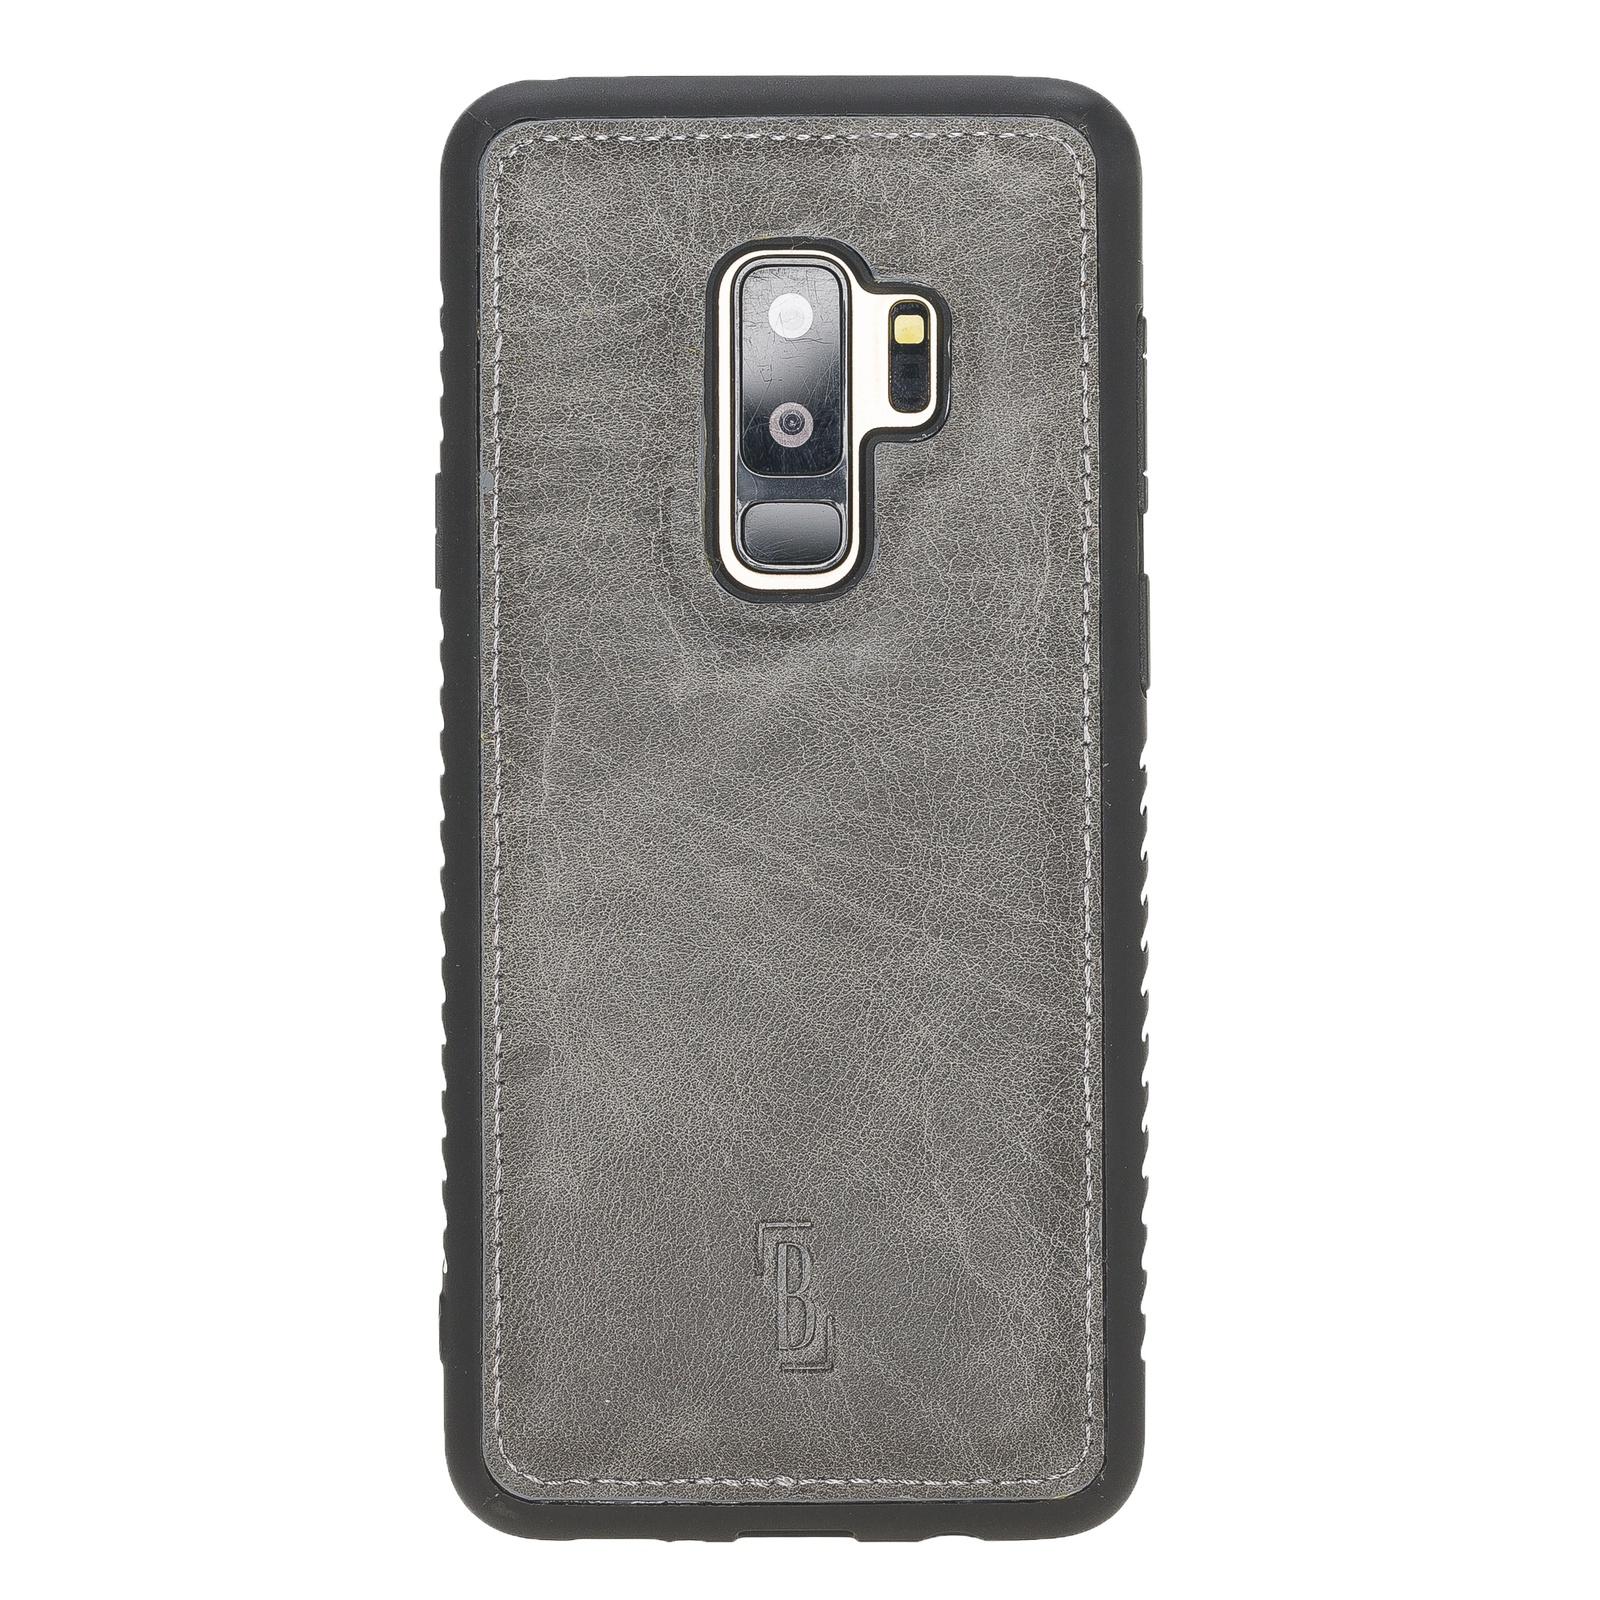 Чехол для сотового телефона Burkley для Samsung Galaxy S9 Plus FlexCover, темно-серый